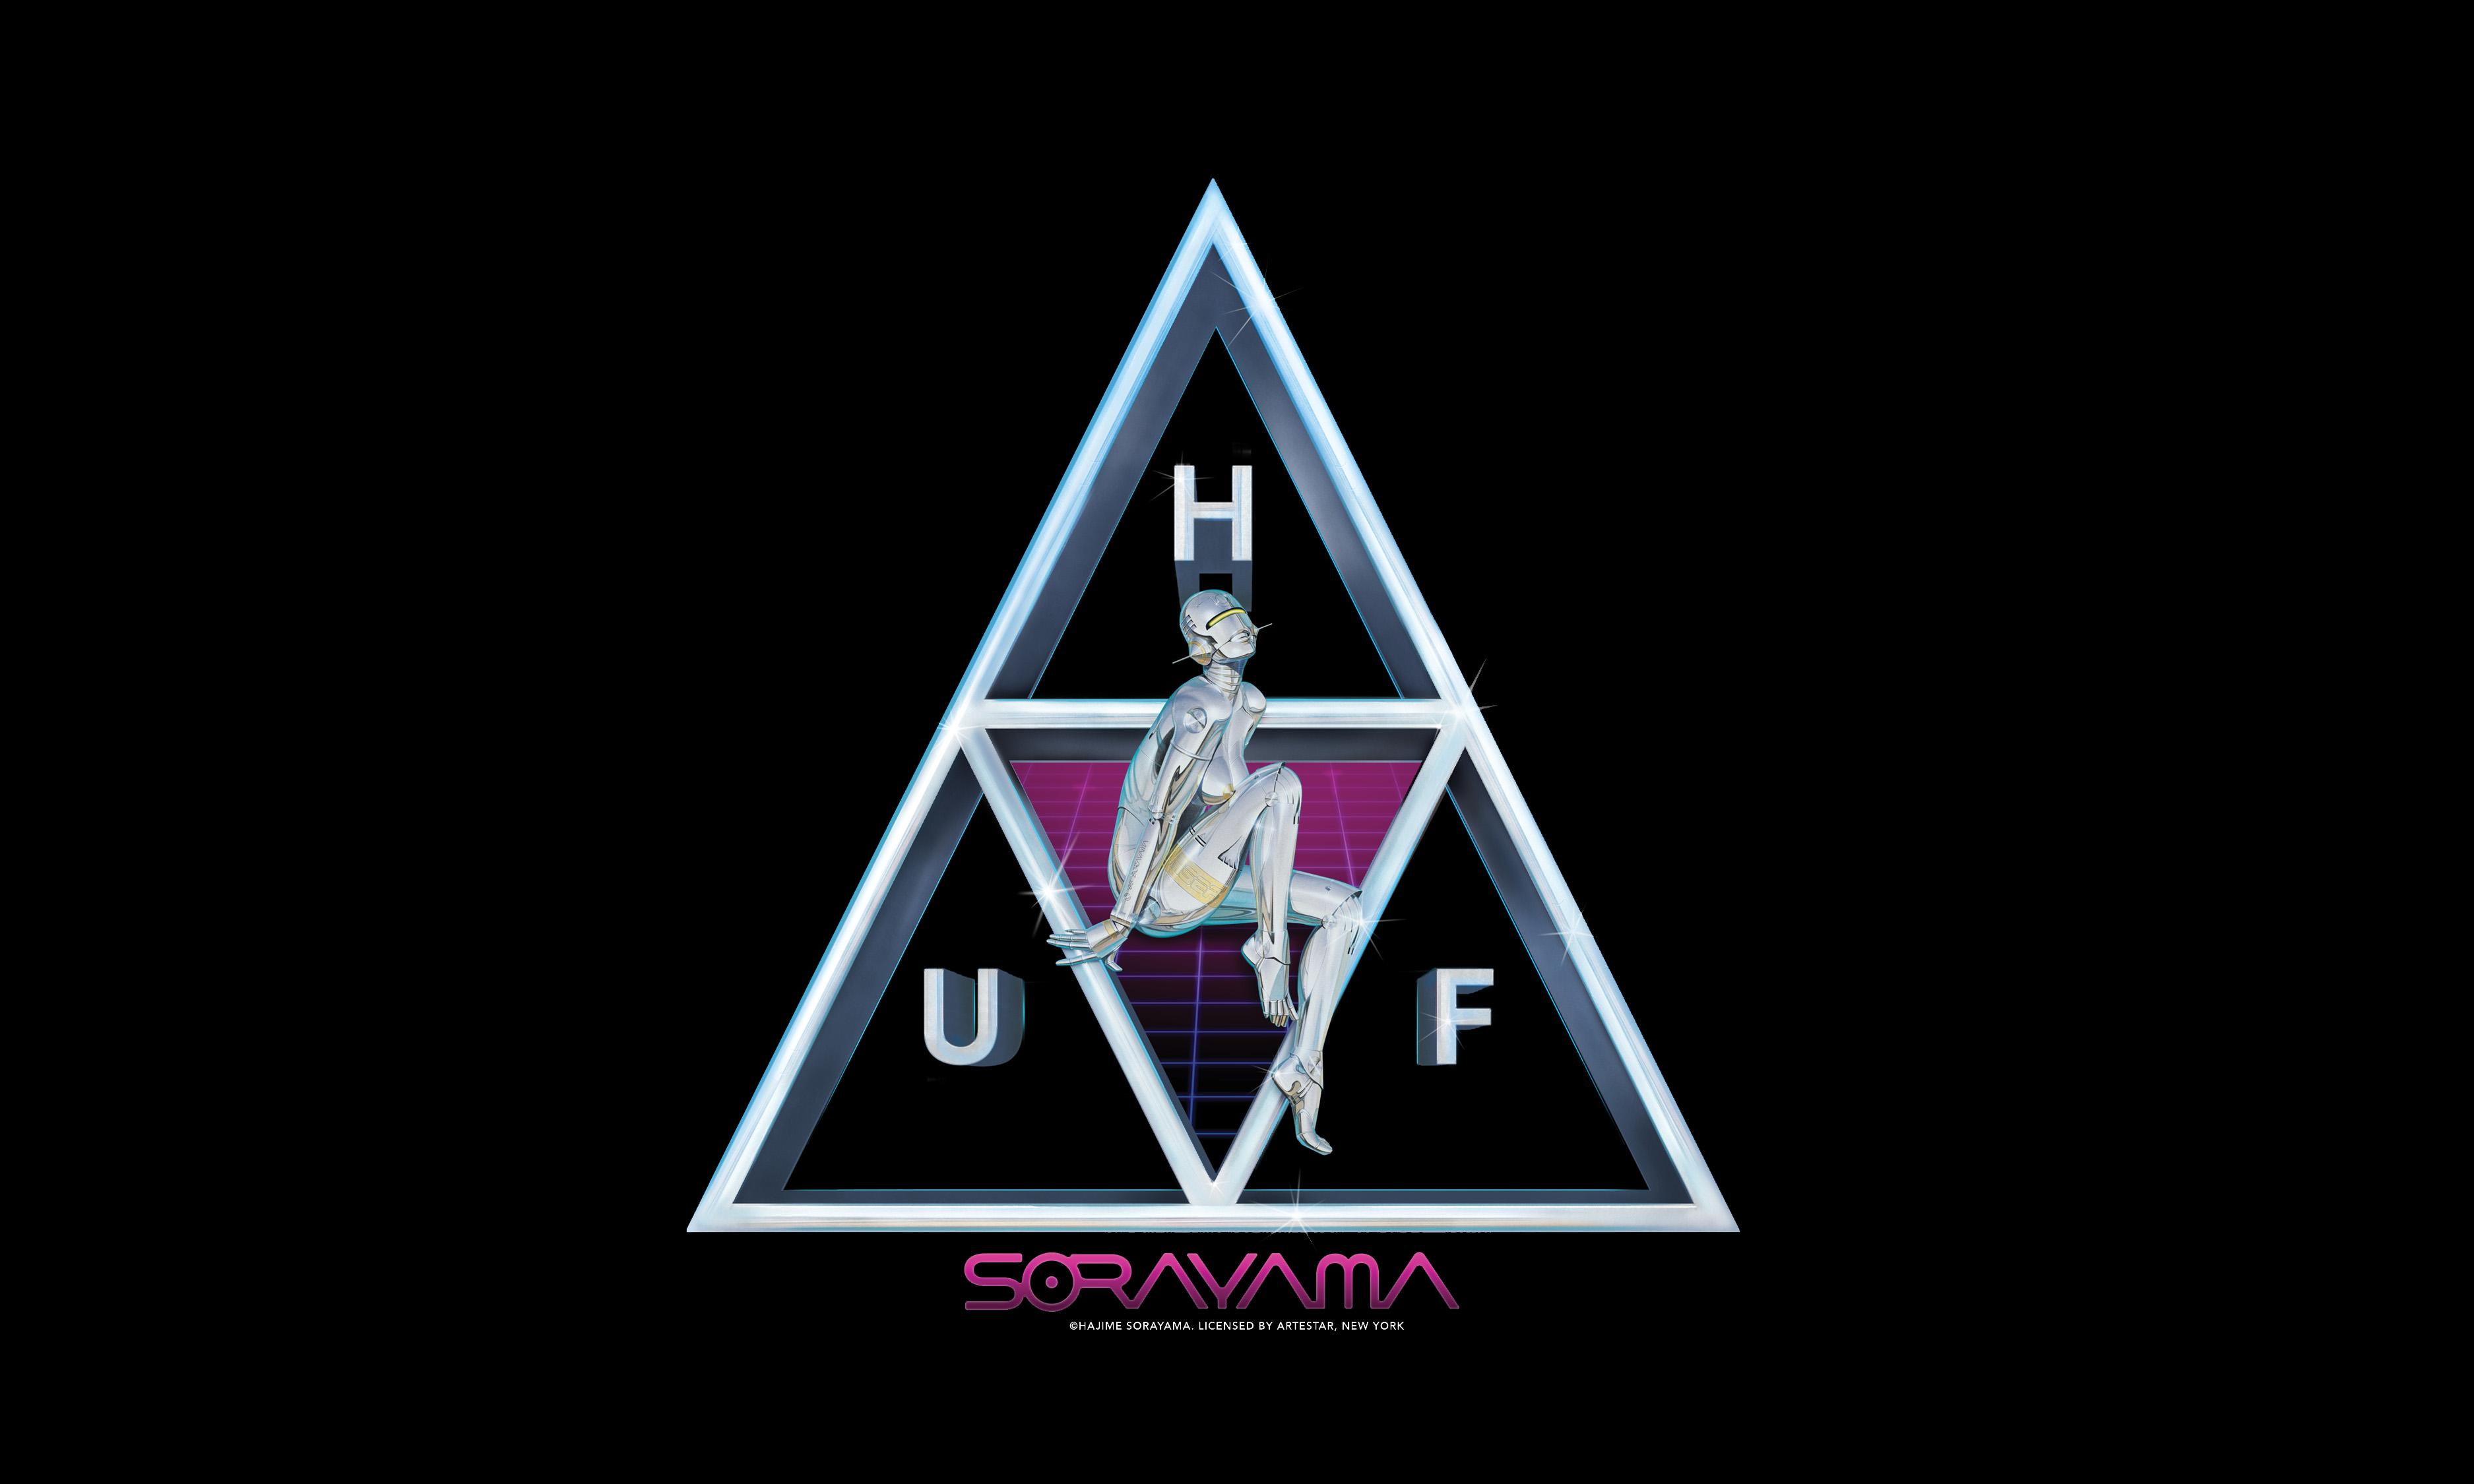 性感机器人再现,HUF x 空山基带来联乘系列